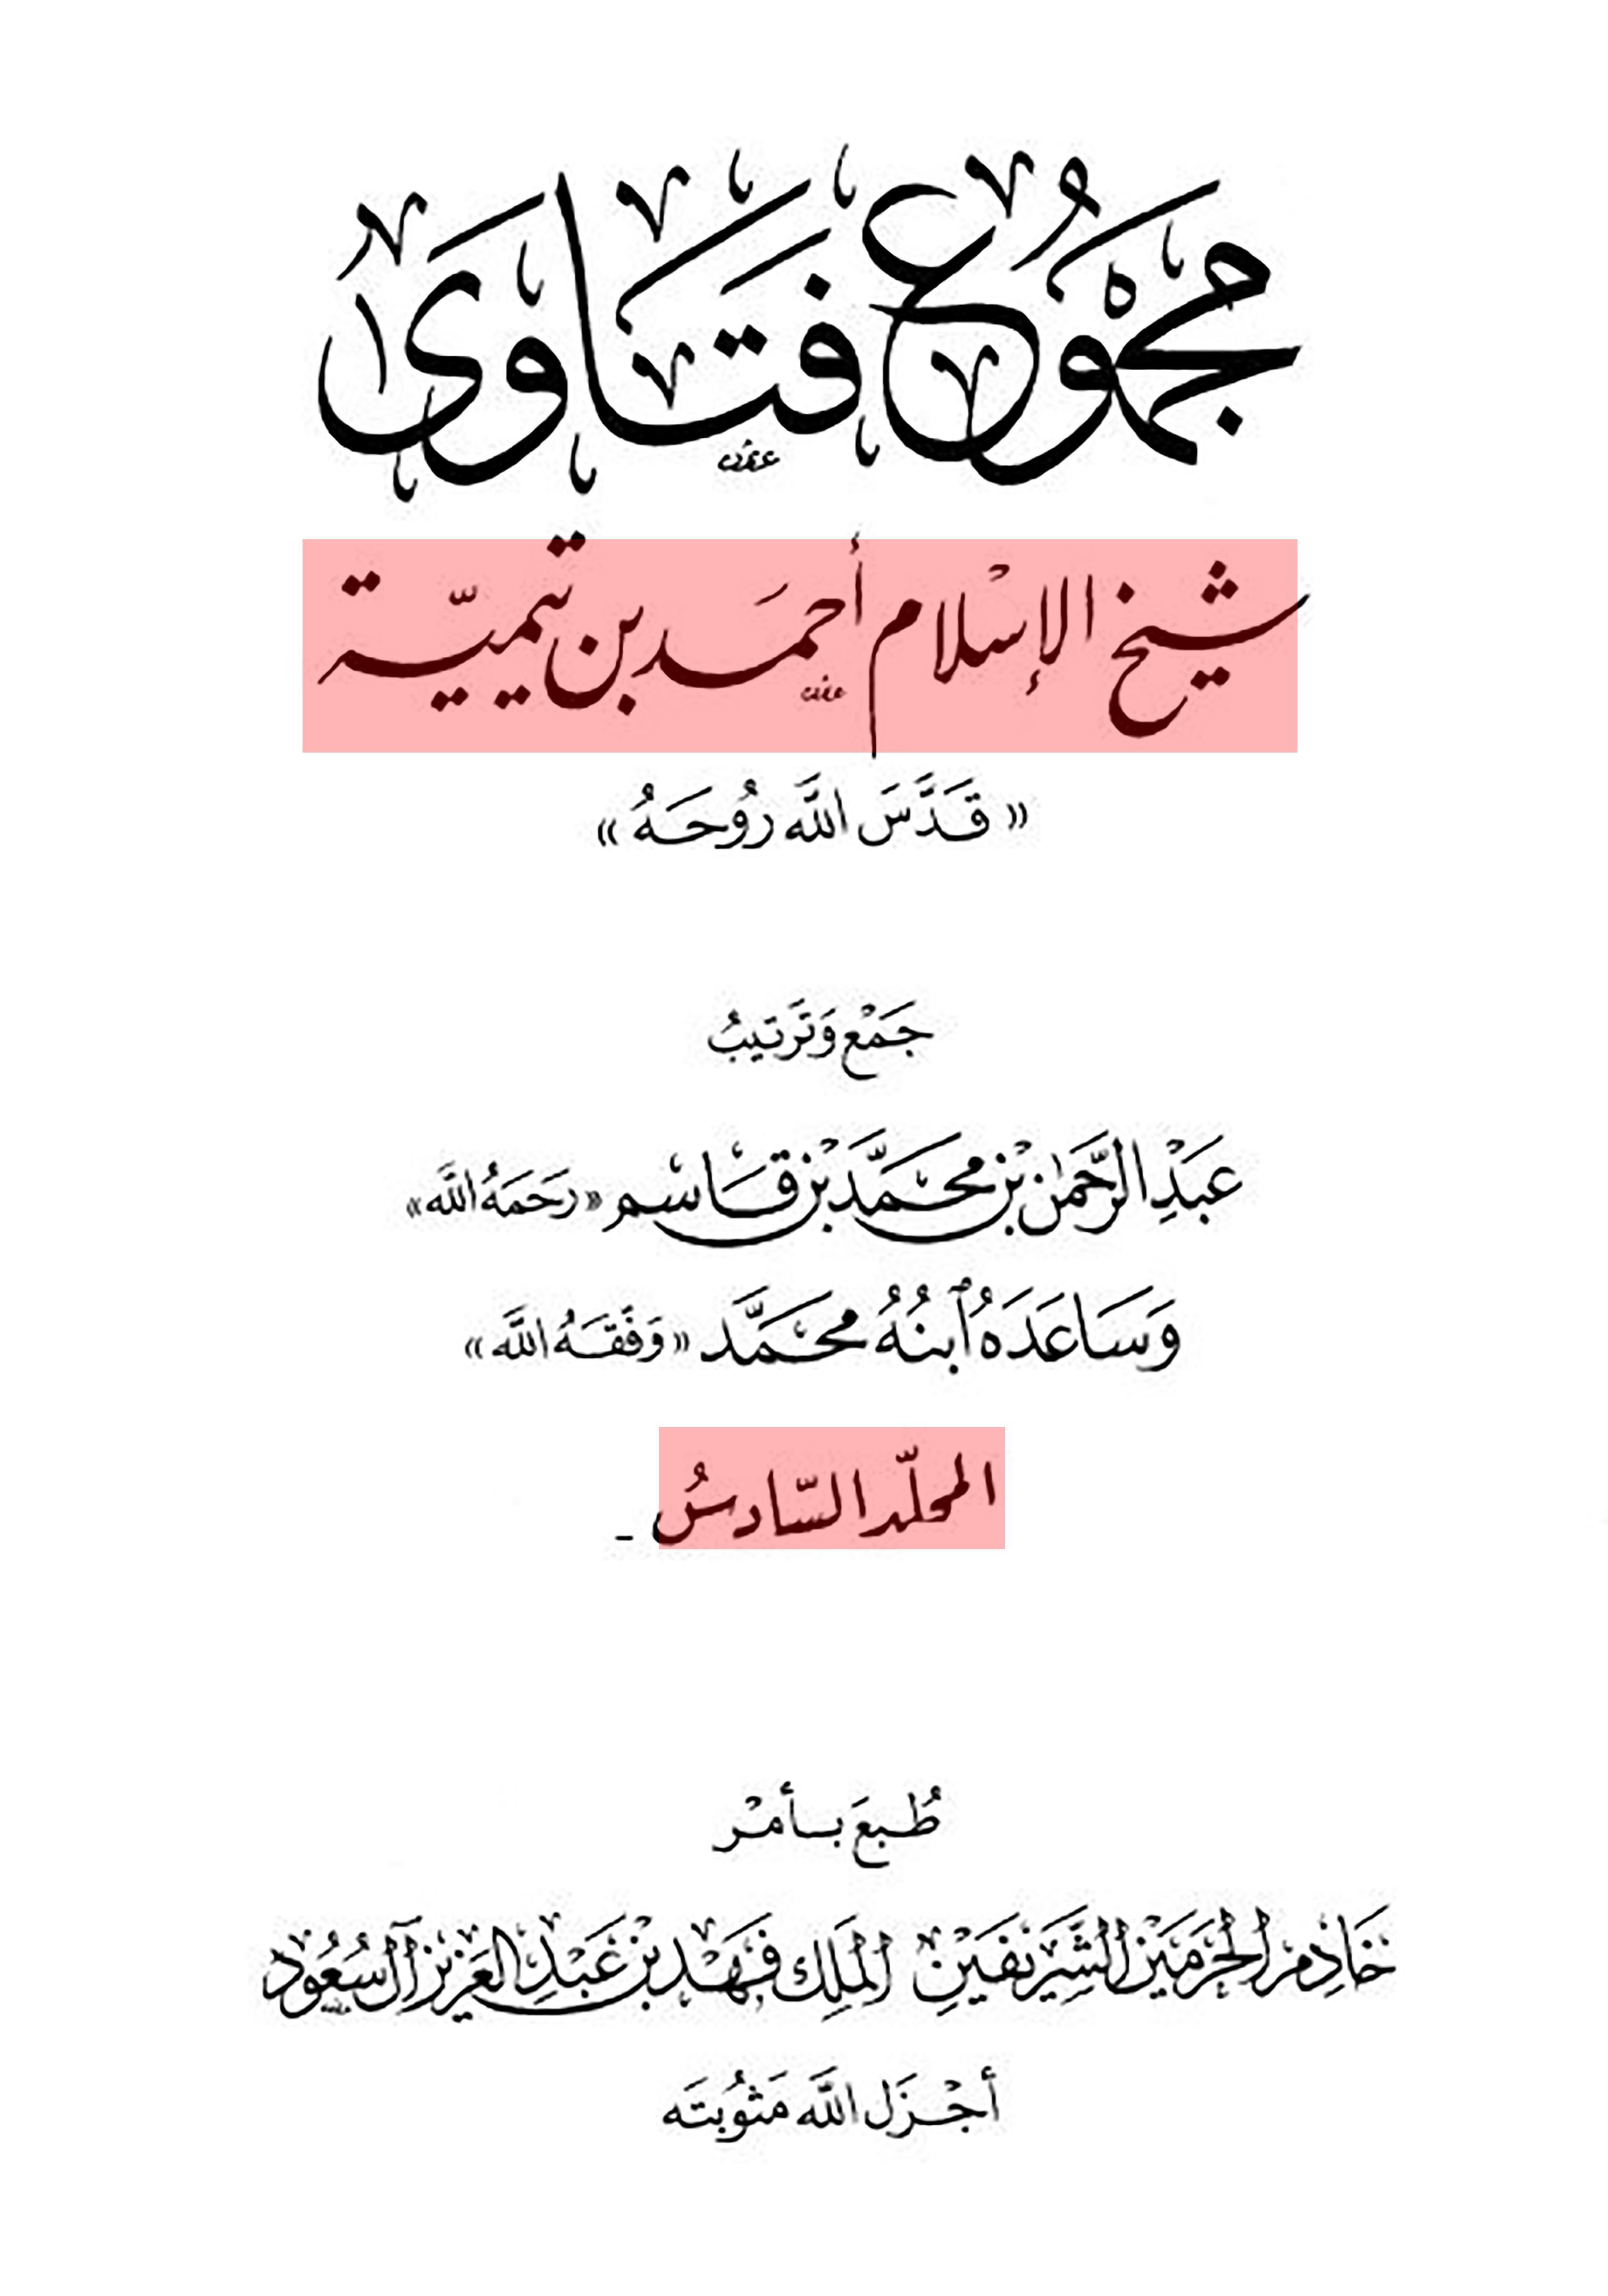 الاســـم:مجموع الفتاوى لشيخ الاسلام ج6  غلاف تكملة.JPG المشاهدات: 755 الحجـــم:308.0 كيلوبايت